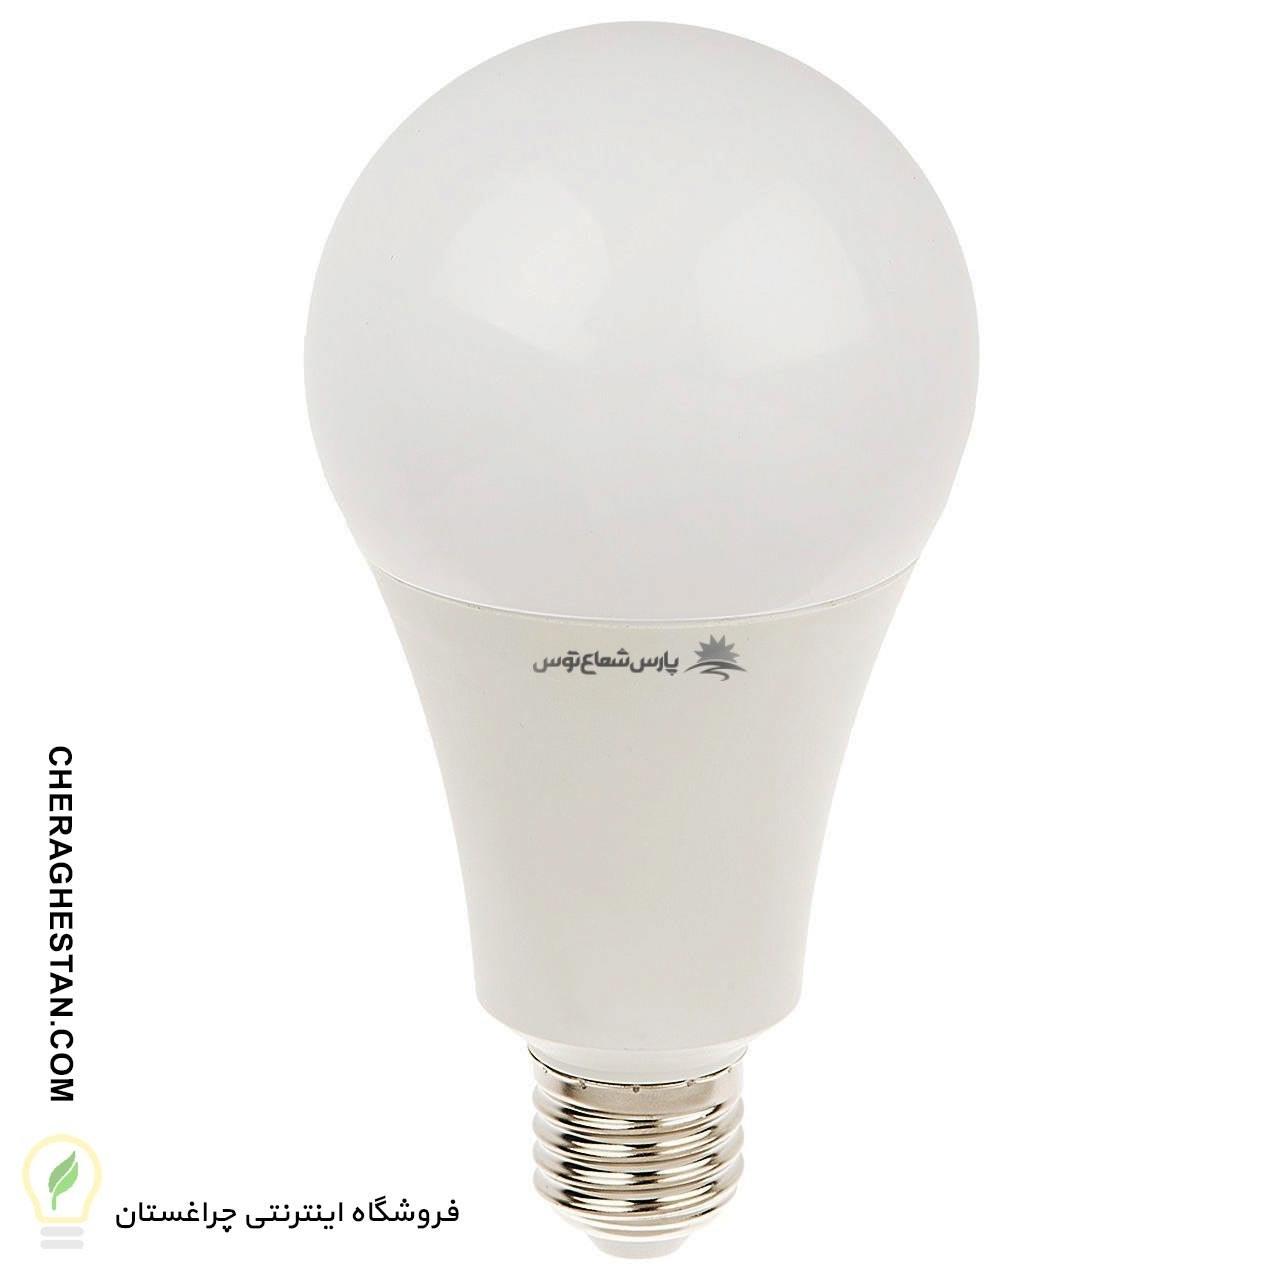 لامپ ال اي دي ۲۰ وات پارس شعاع توس